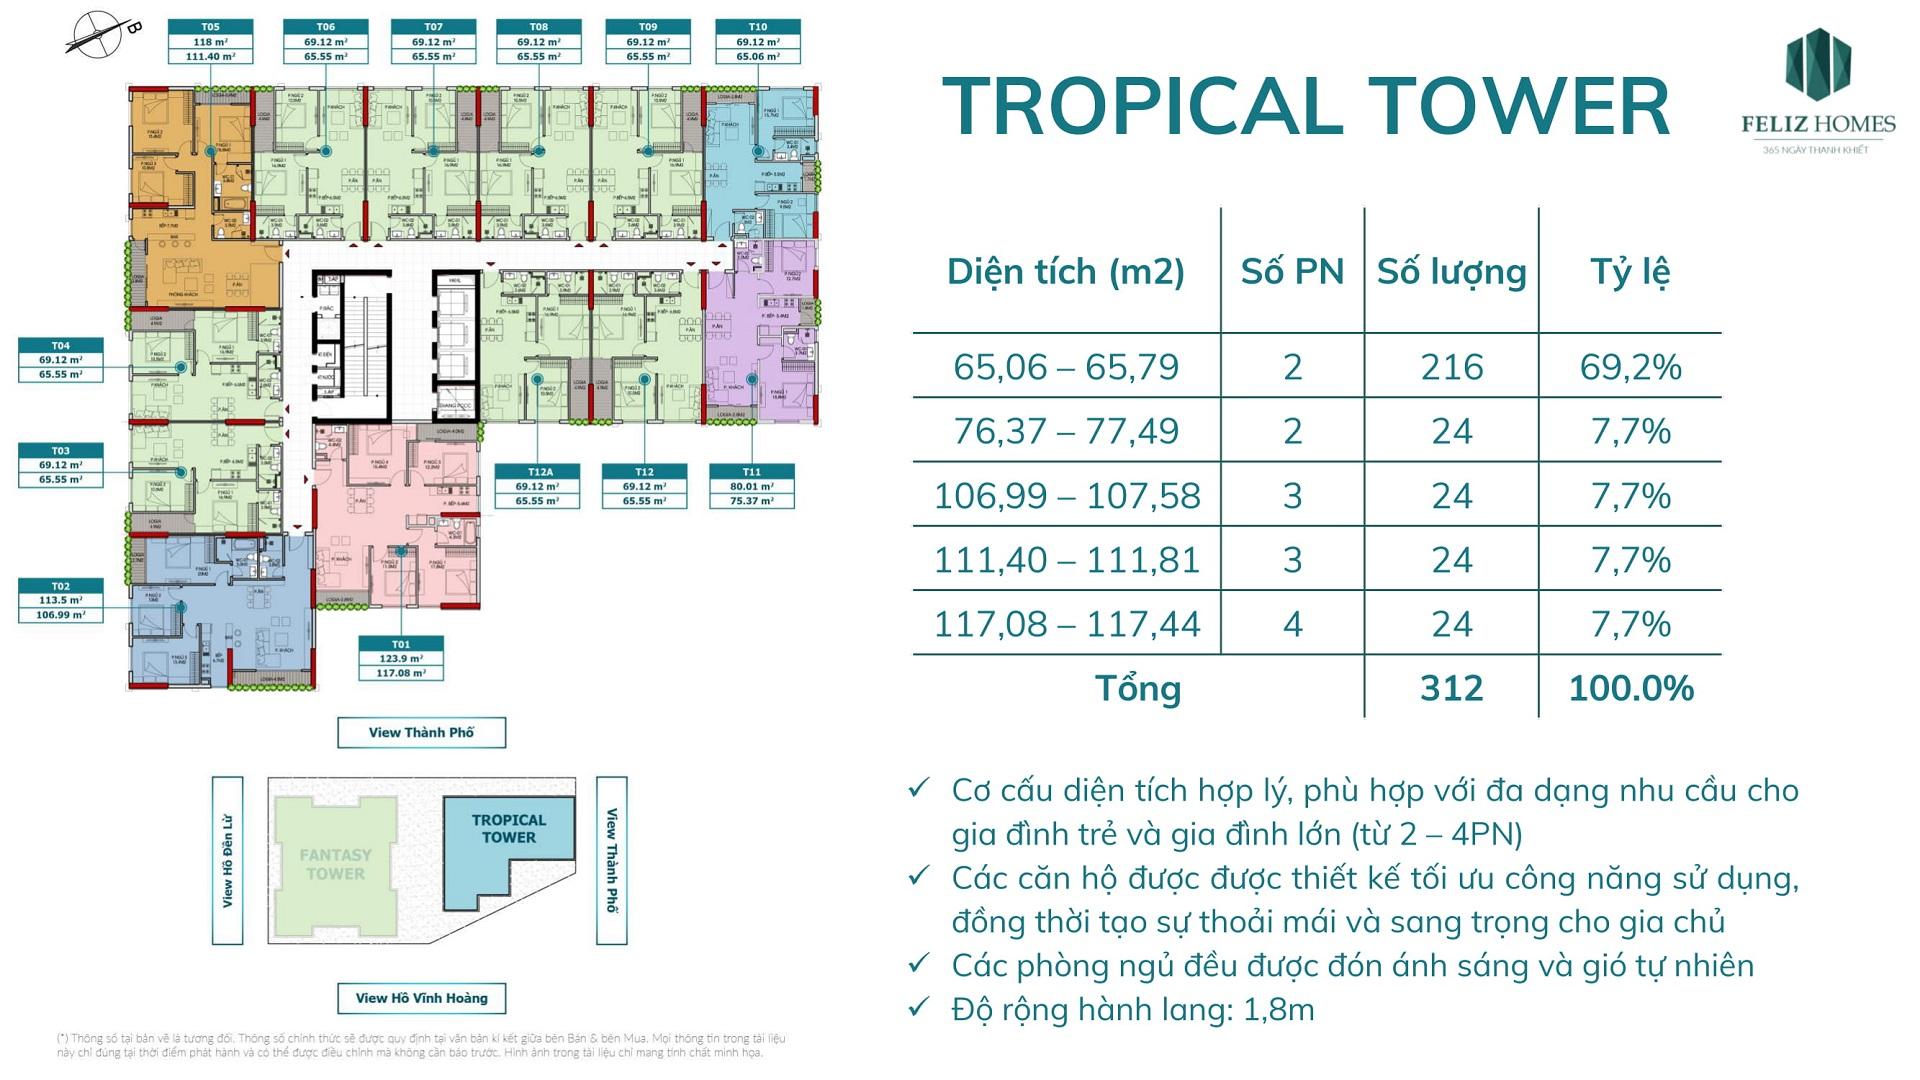 thông tin tòa tropical tower dự án feliz homes